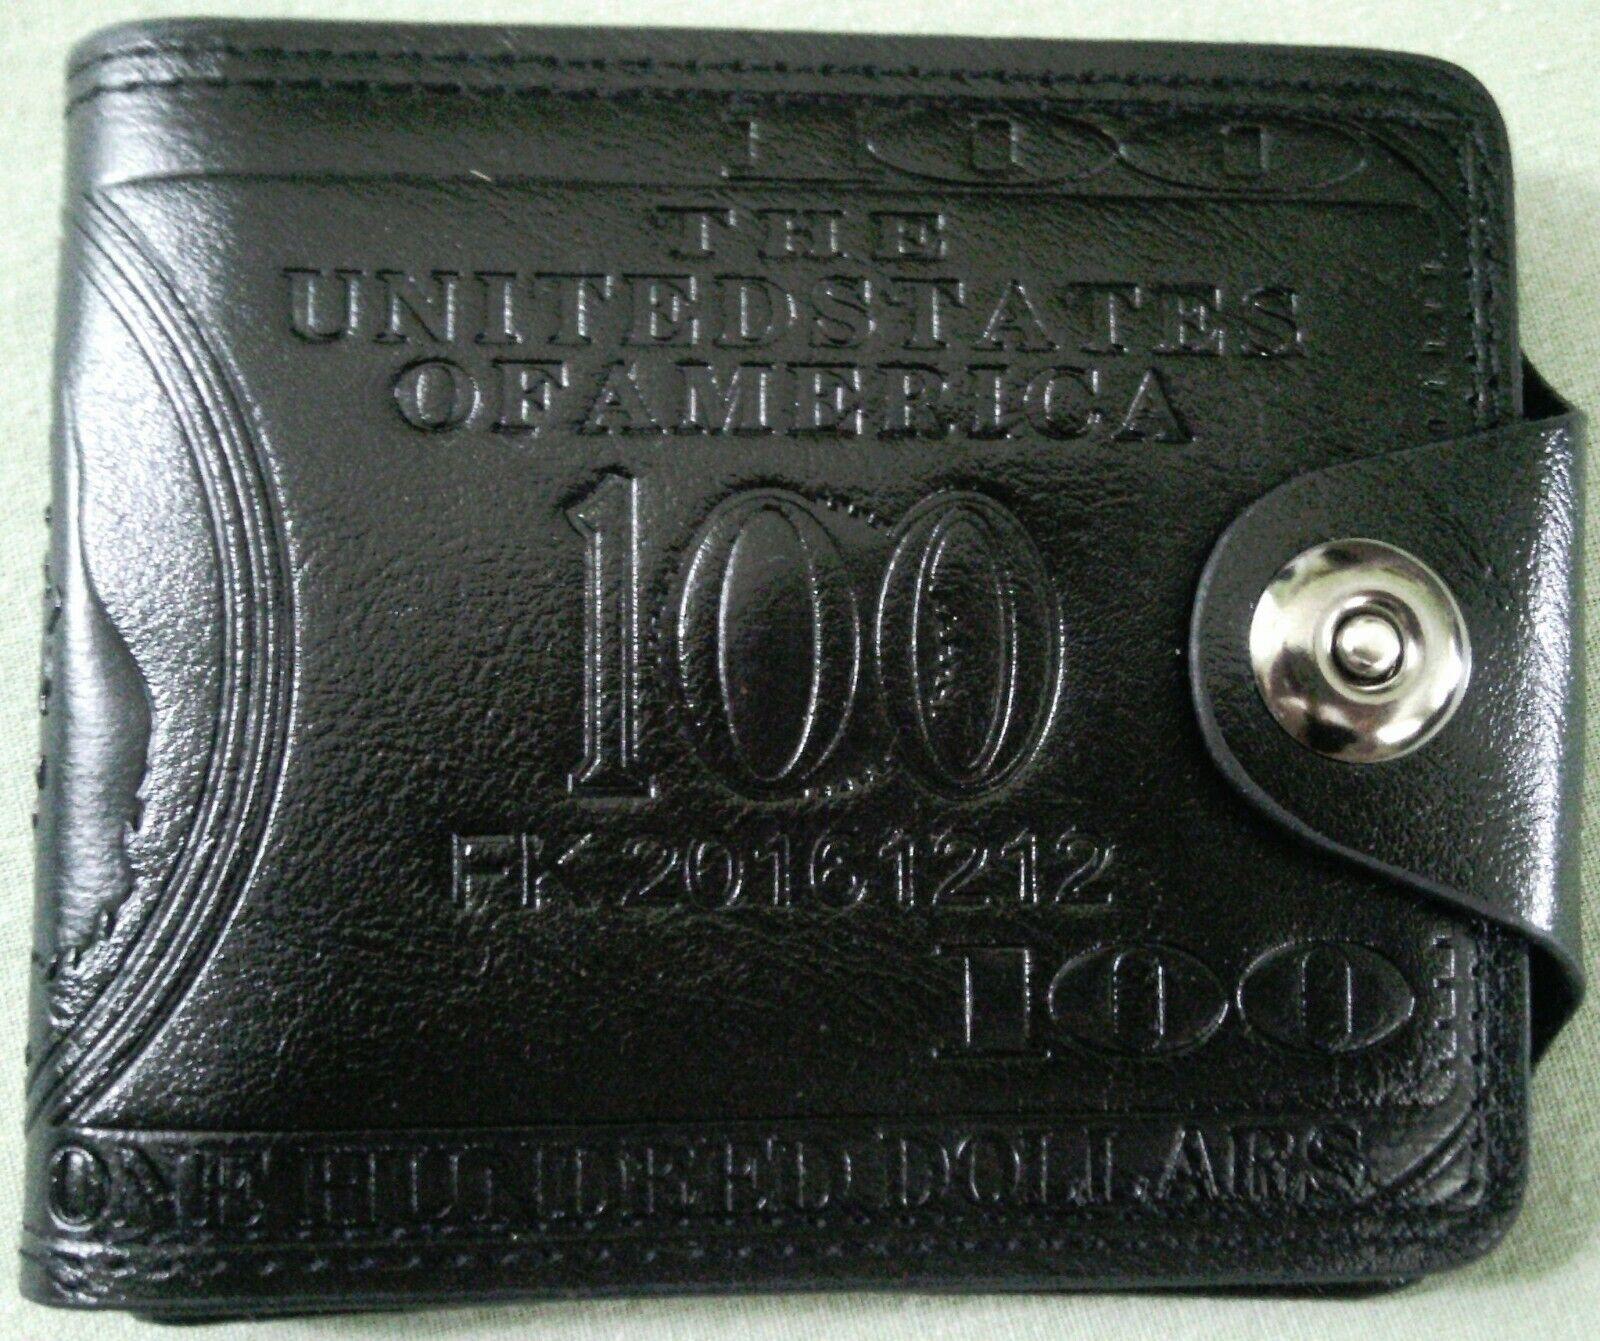 Mens Faux Leather Wallet Money Design Black Billfold Card Holder Snap Shut NWOTs